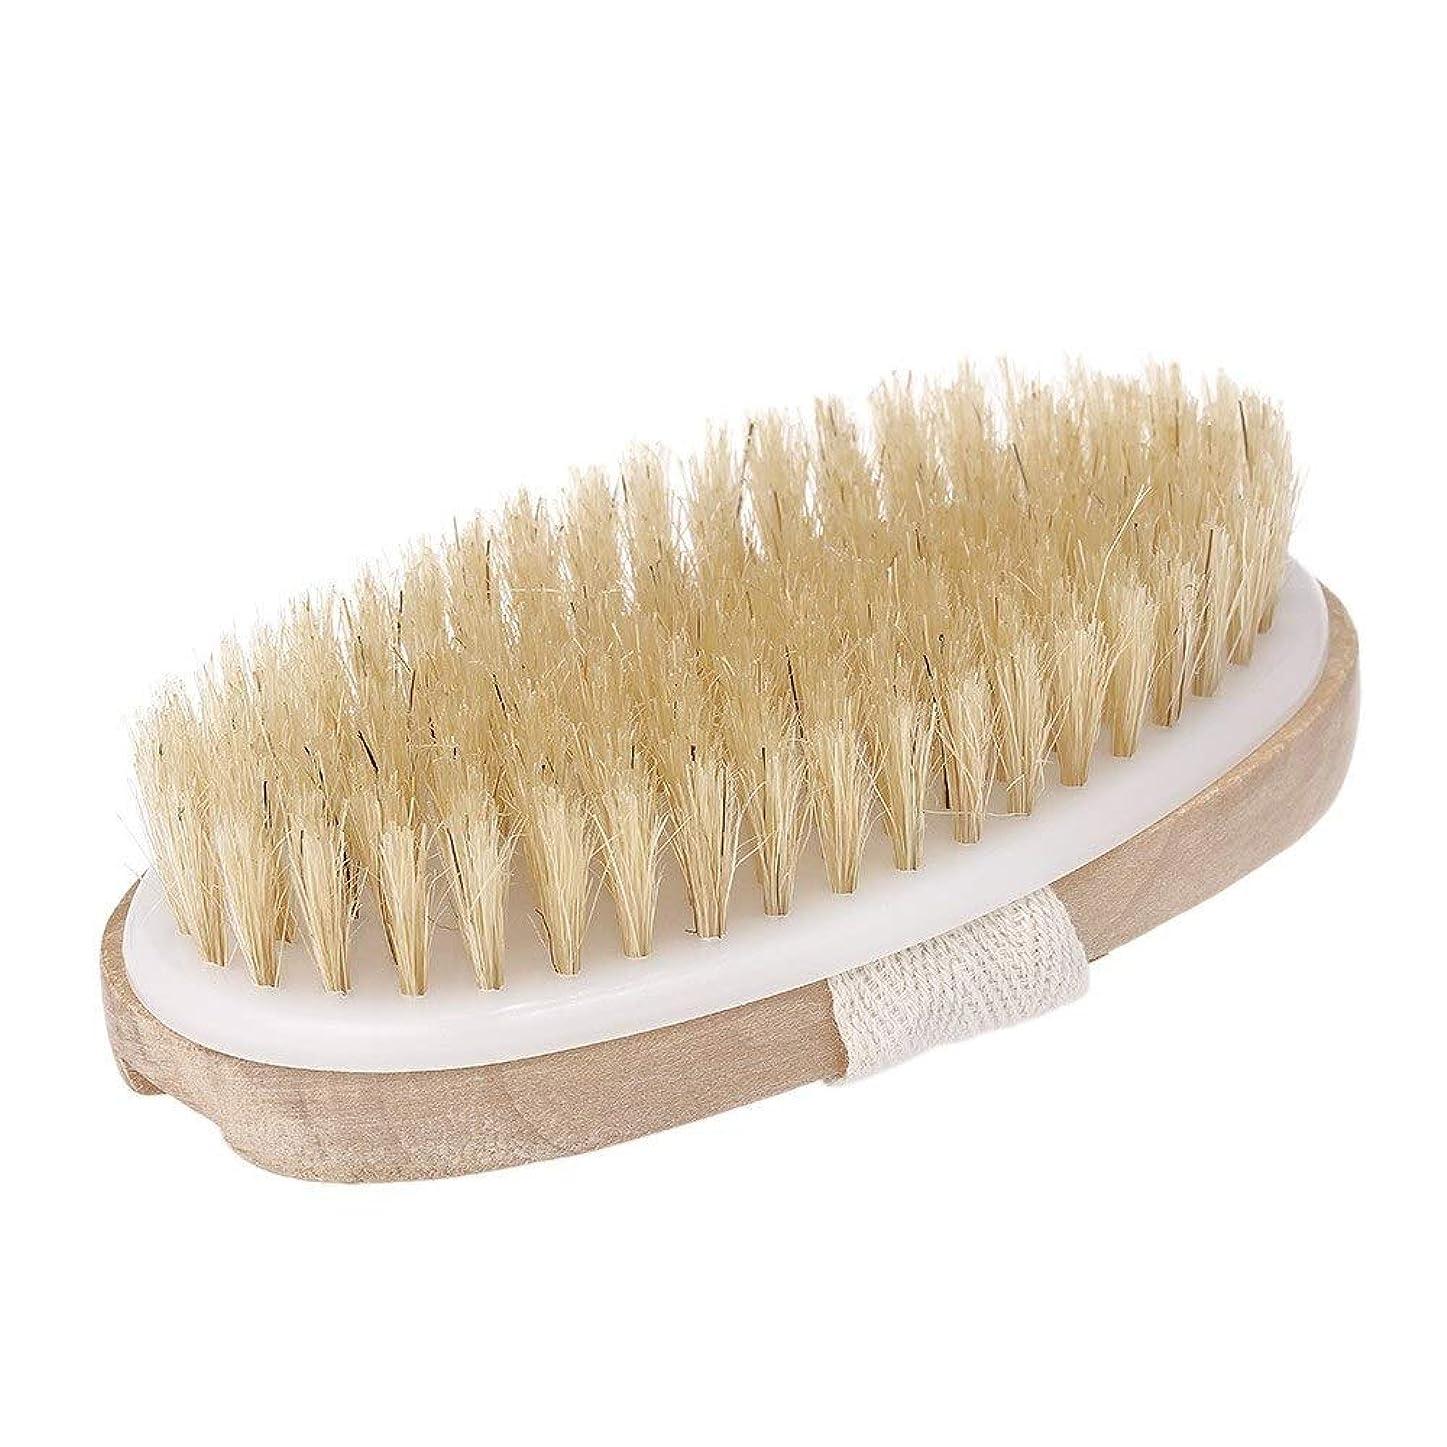 テセウス不機嫌適性ボディクリーニングブラシ ボディブラシ 乾燥肌ボディブラシ 木製 ハンドルベルト付 お風呂用 体洗いブラシ